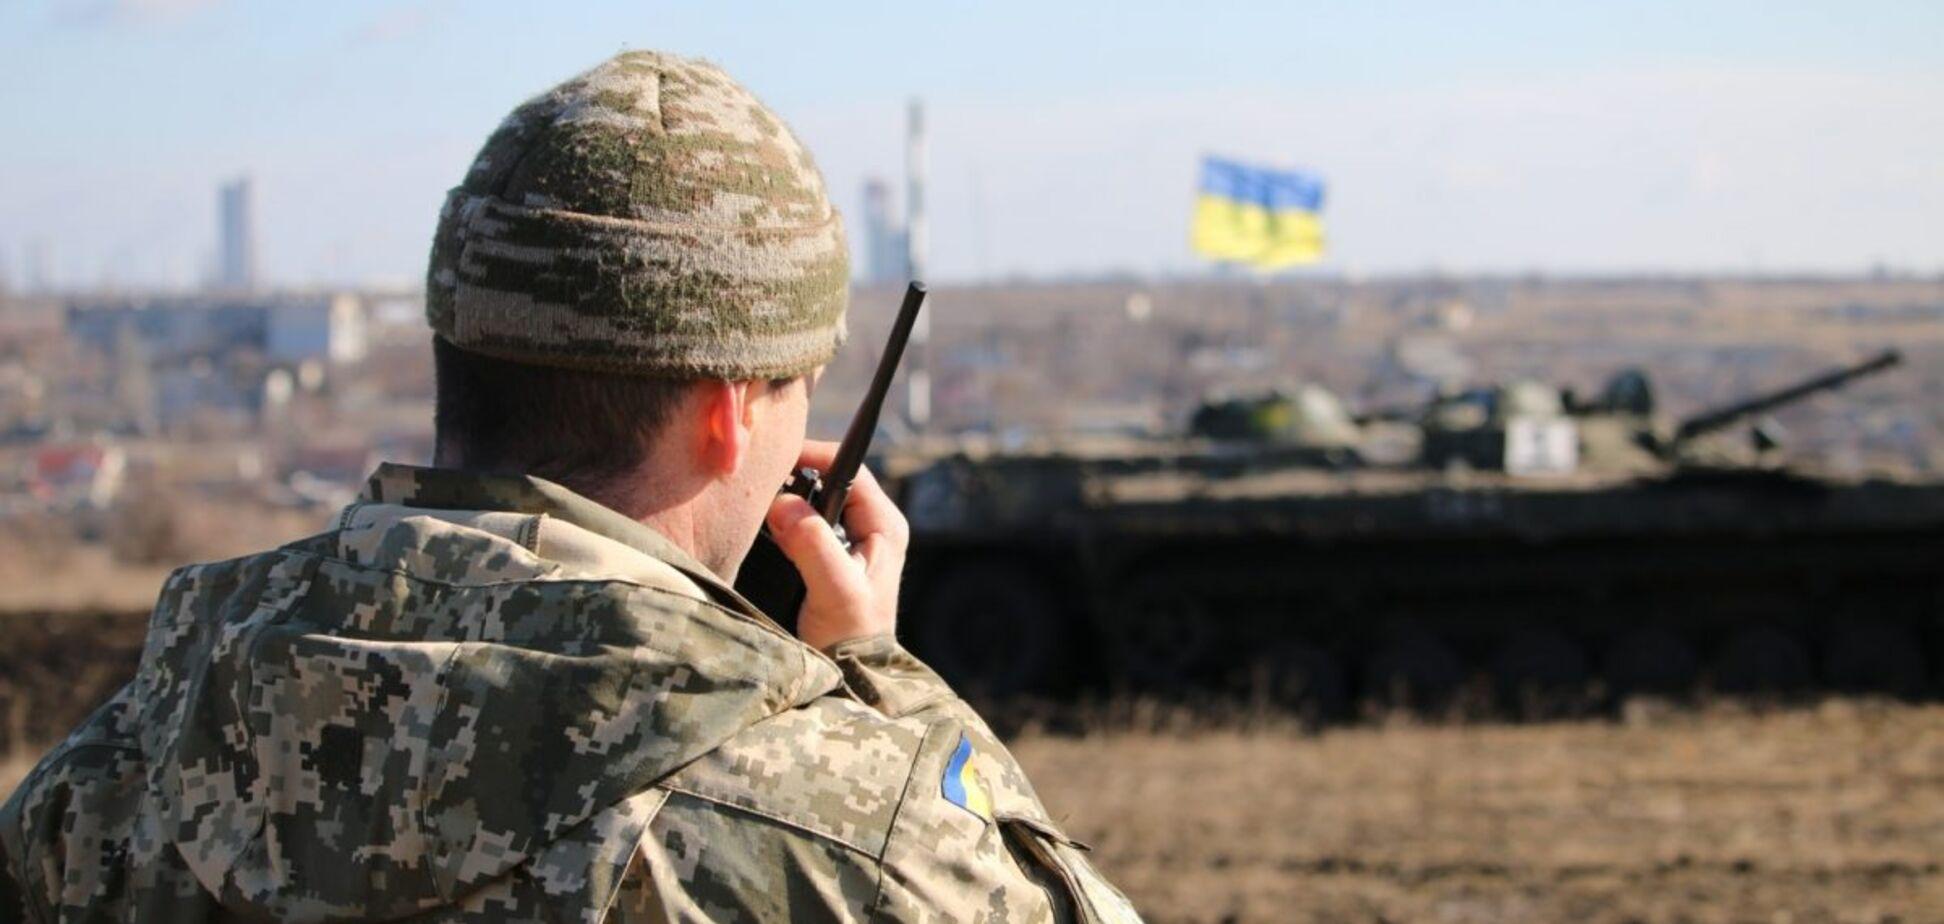 Работал снайпер: СМИ узнали о гибели волонтера на Донбассе